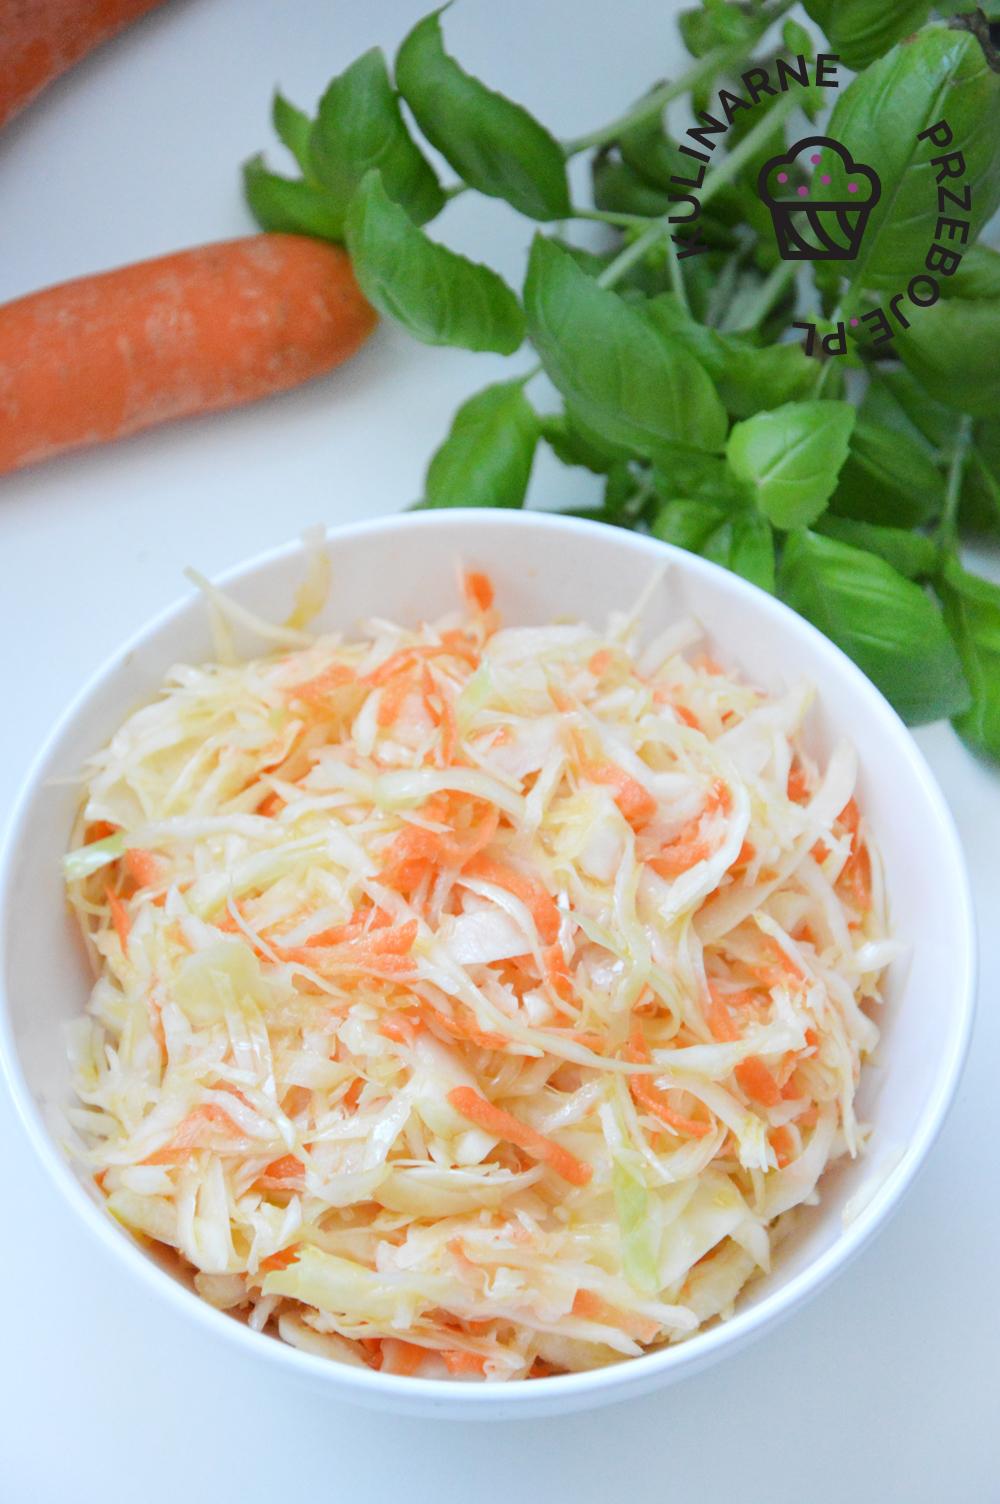 surówka chińska z białą kapustą i marchewką